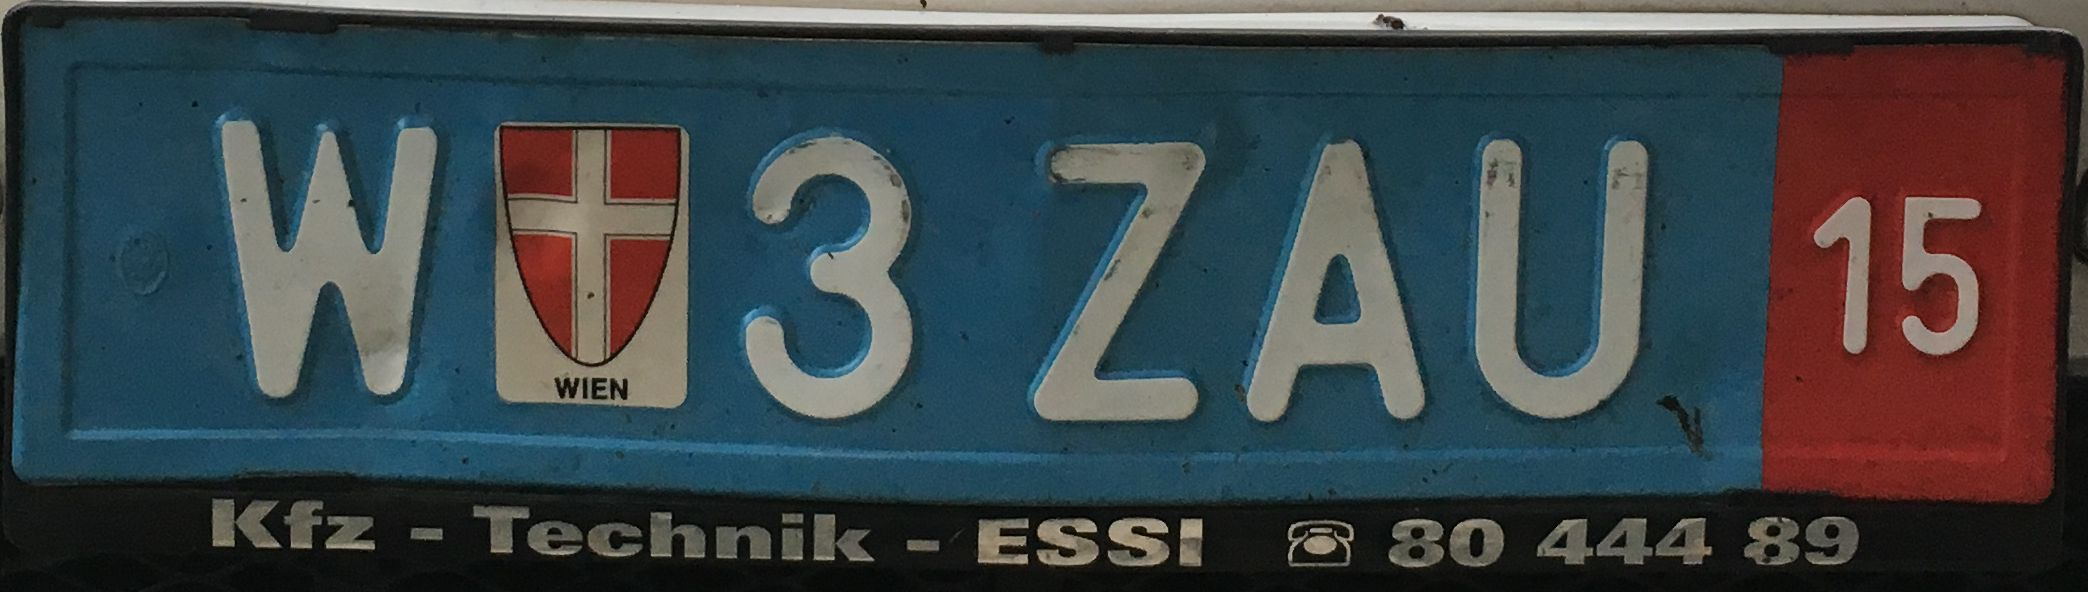 Registrační značka Rakousko – exportní, foto: www.podalnici.cz